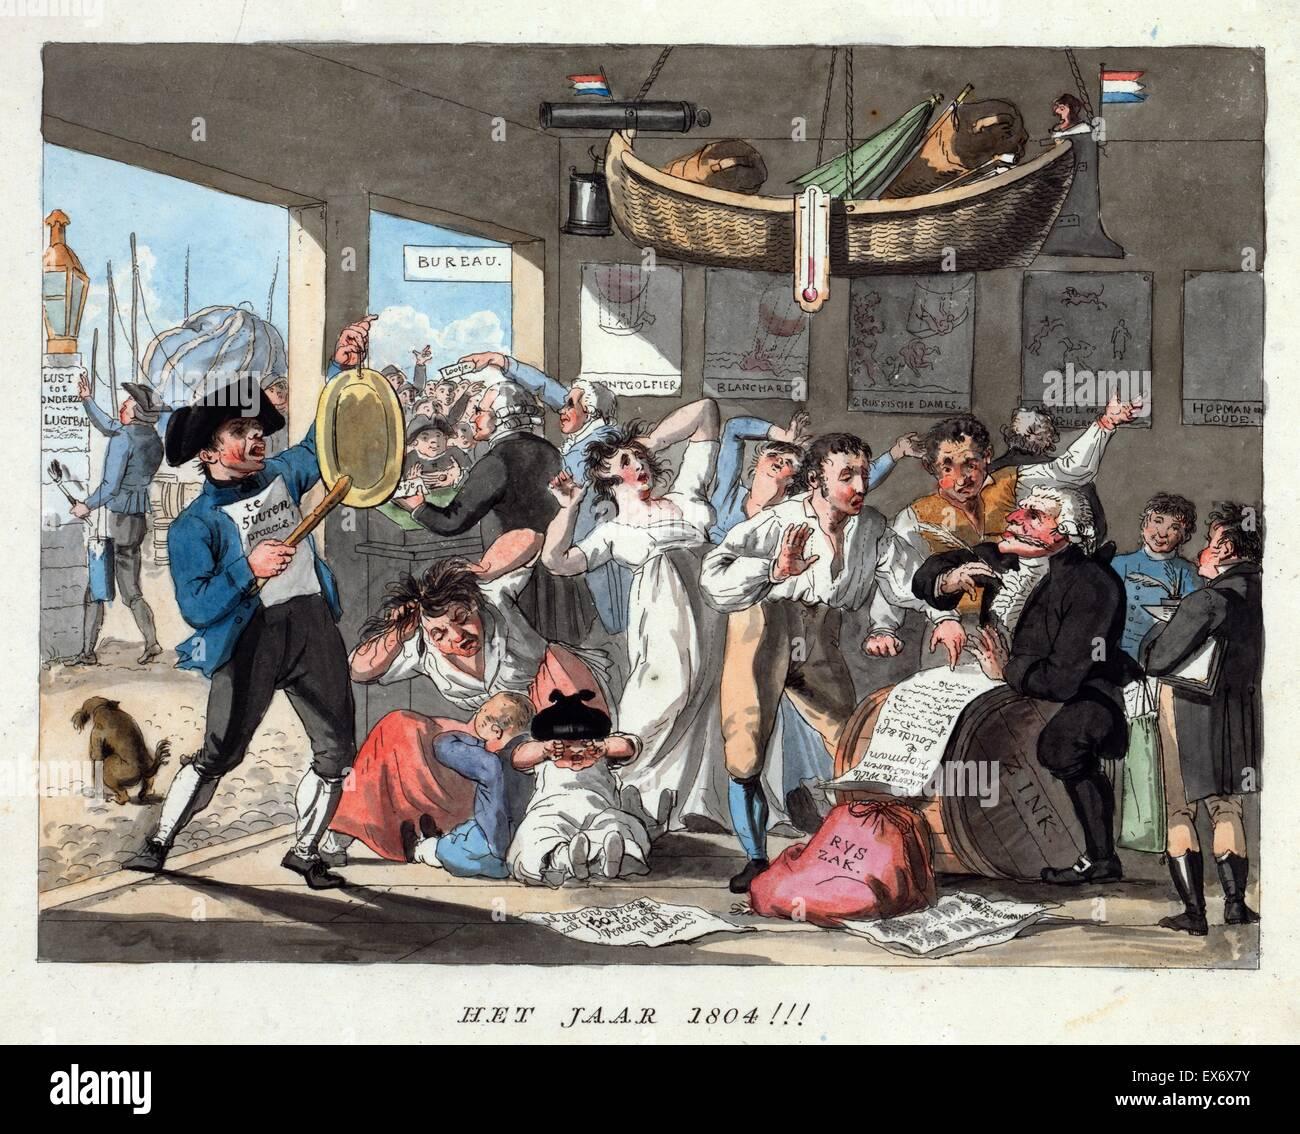 Cartoon olandese previsioni eventi aeronautici per l'anno 1804, mostrando una scena in un palloncino in mancanza Immagini Stock